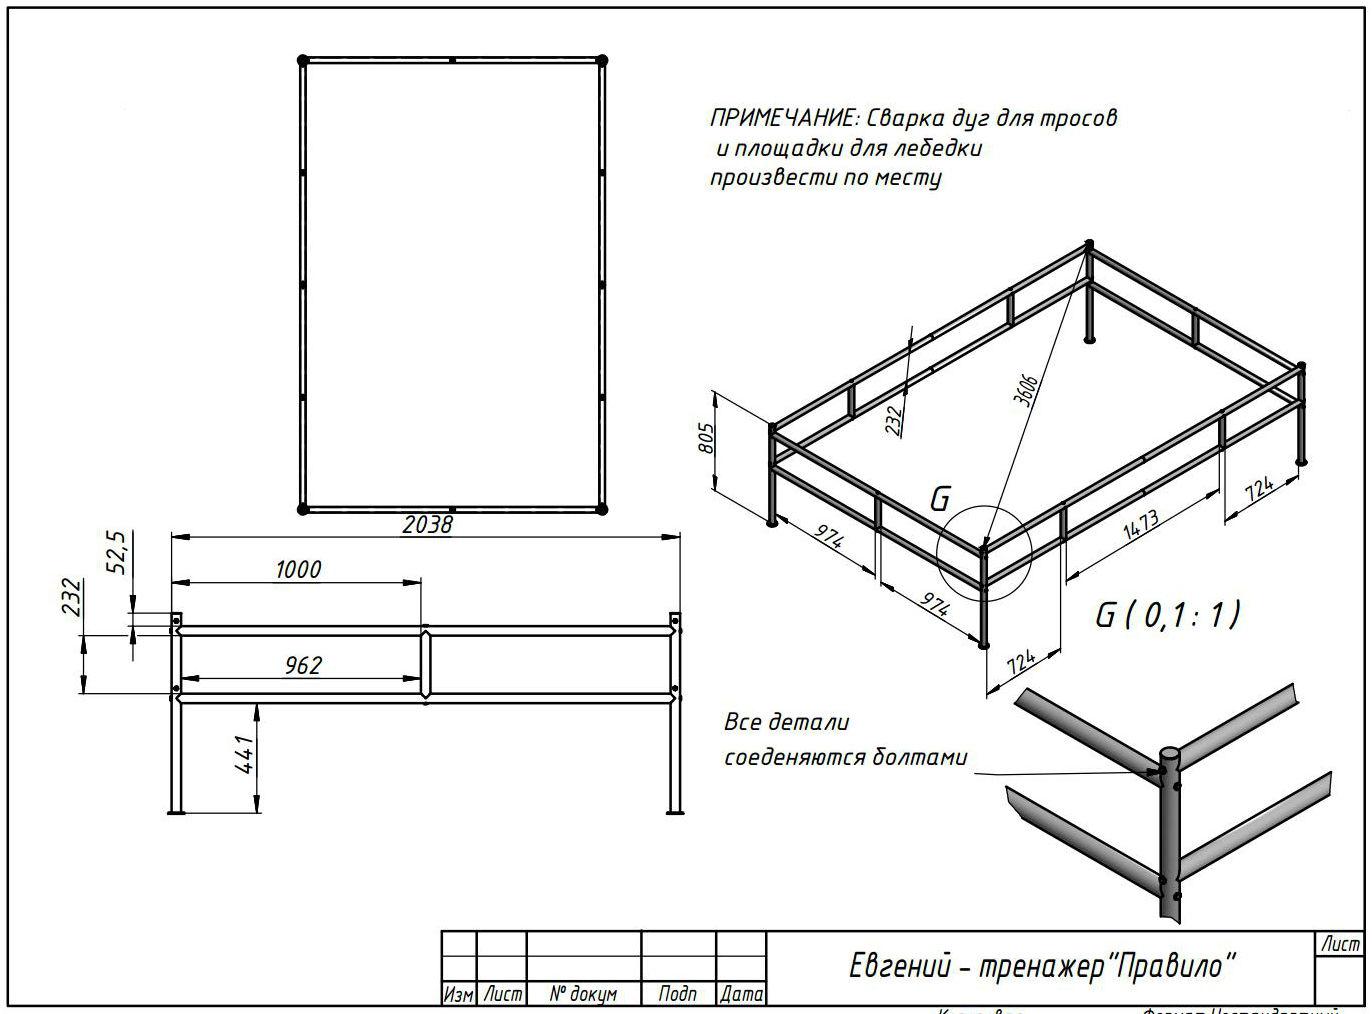 Тренажер правило чертежи конструкция своими руками